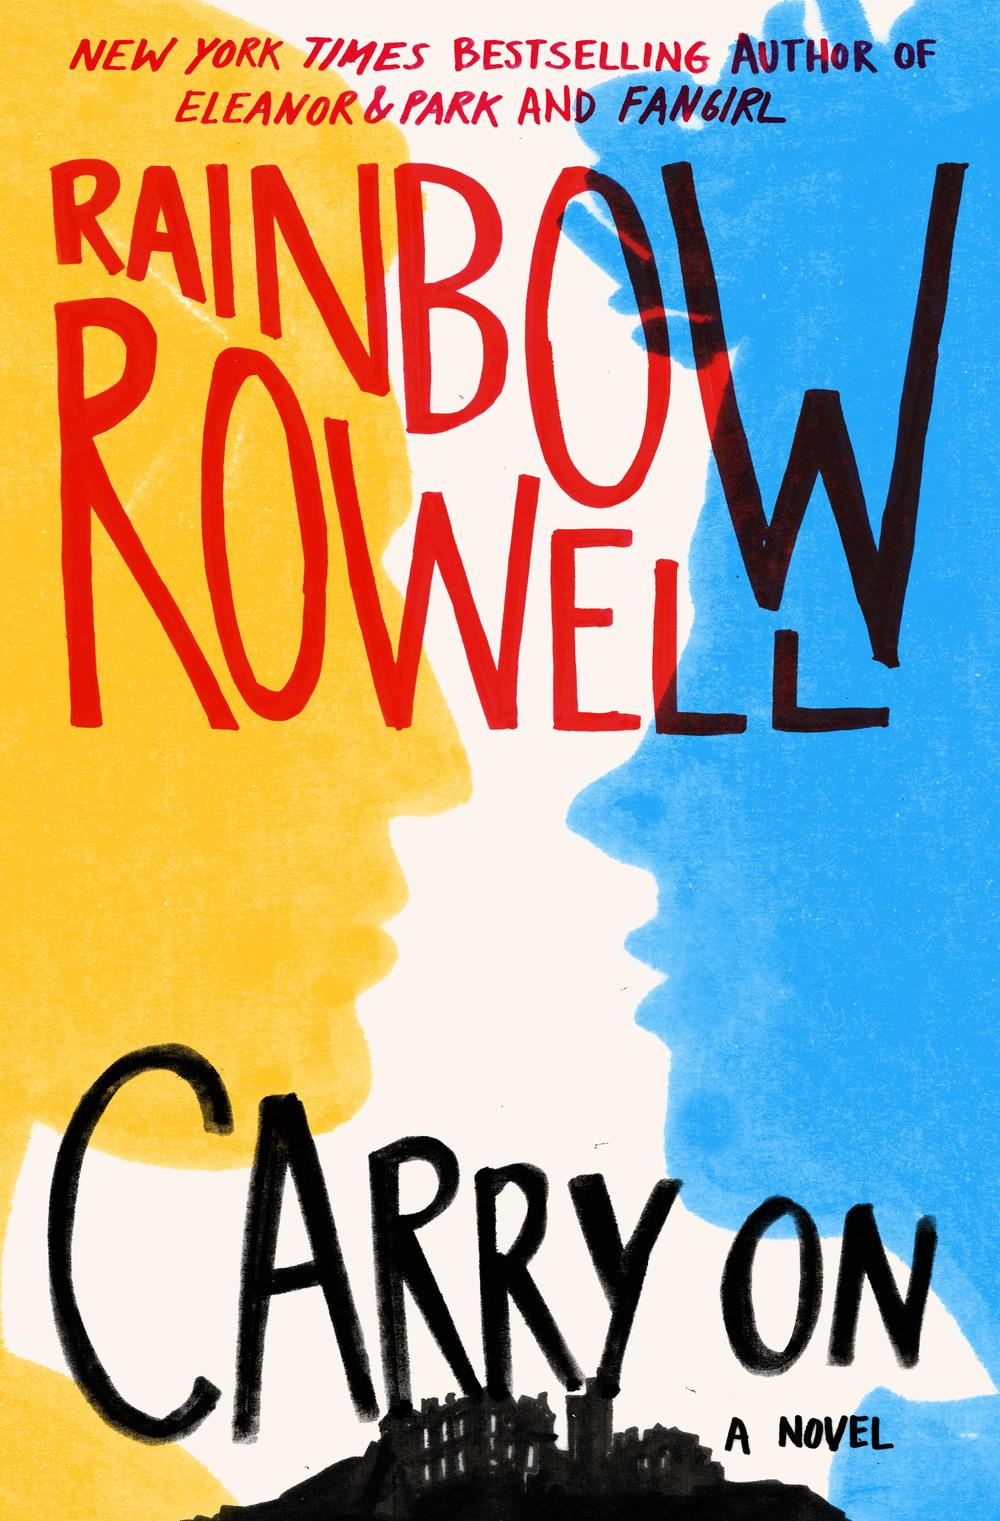 Nuevo libro de Rainbow Rowell inspirado en Harry Potter pero con pareja gay llega a Chile